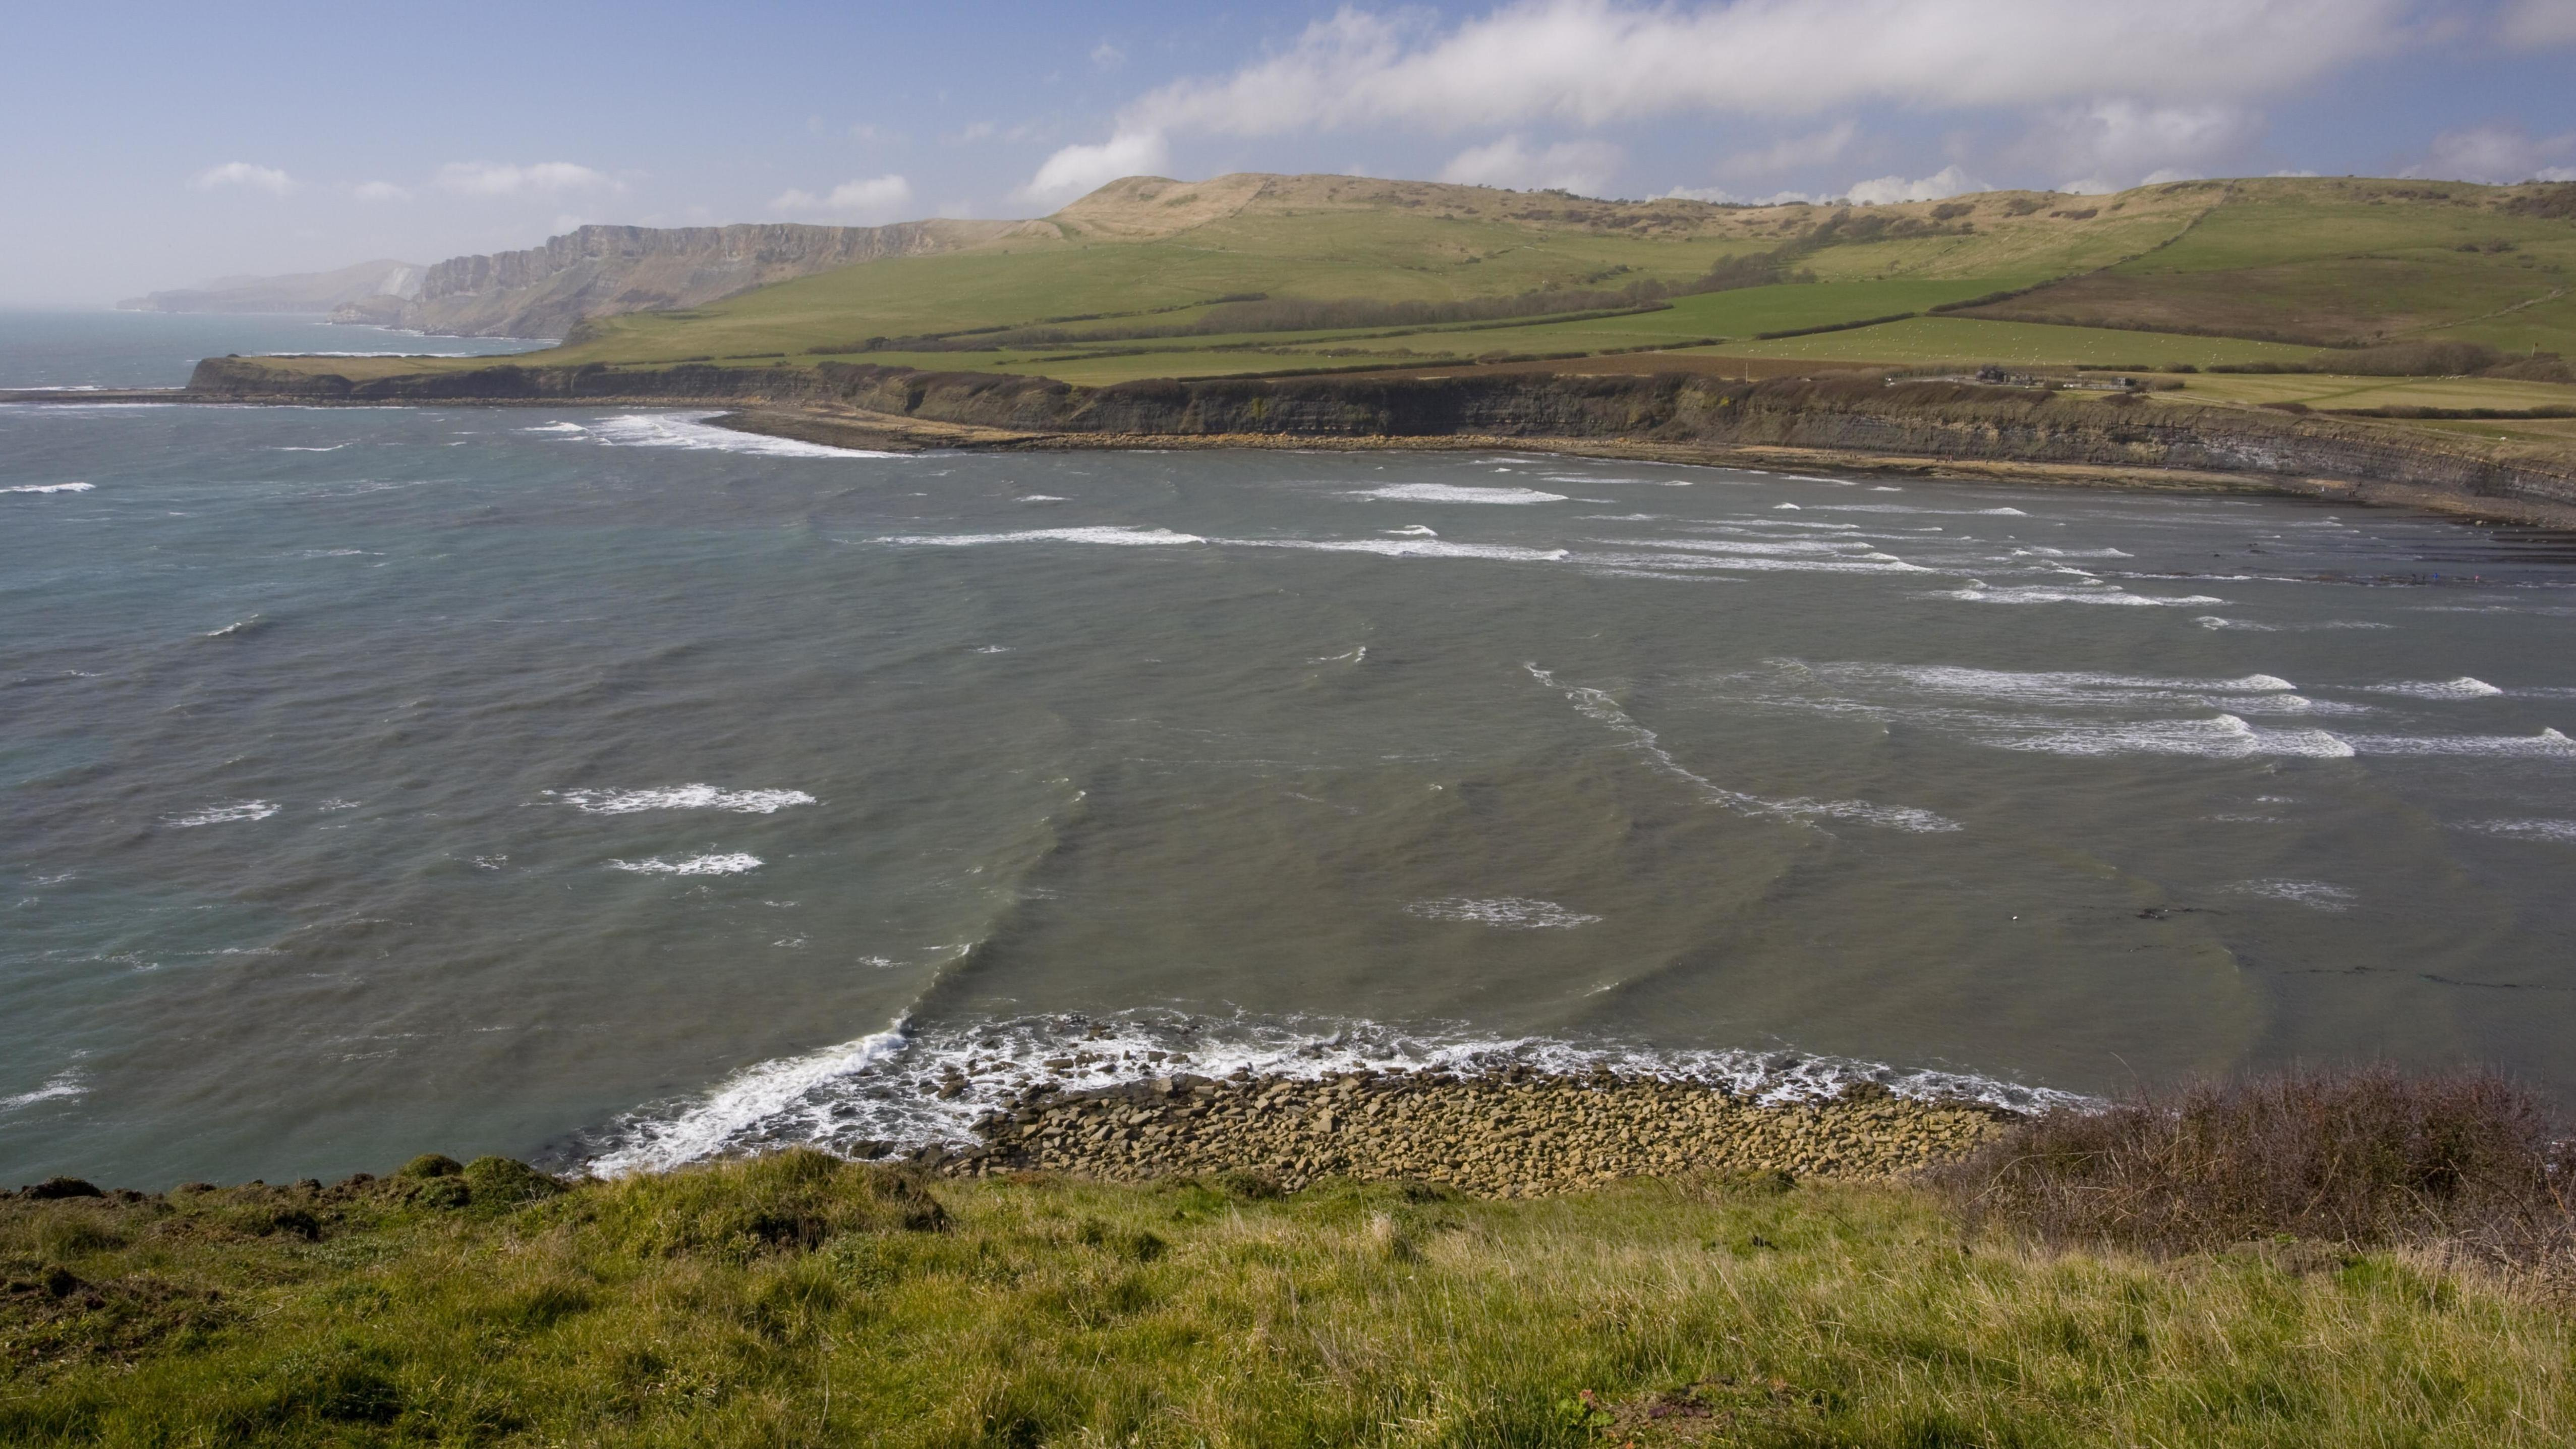 Meeresschutzgebiet, Kimmeridge Bay, Dorset, Großbritannien, Europa